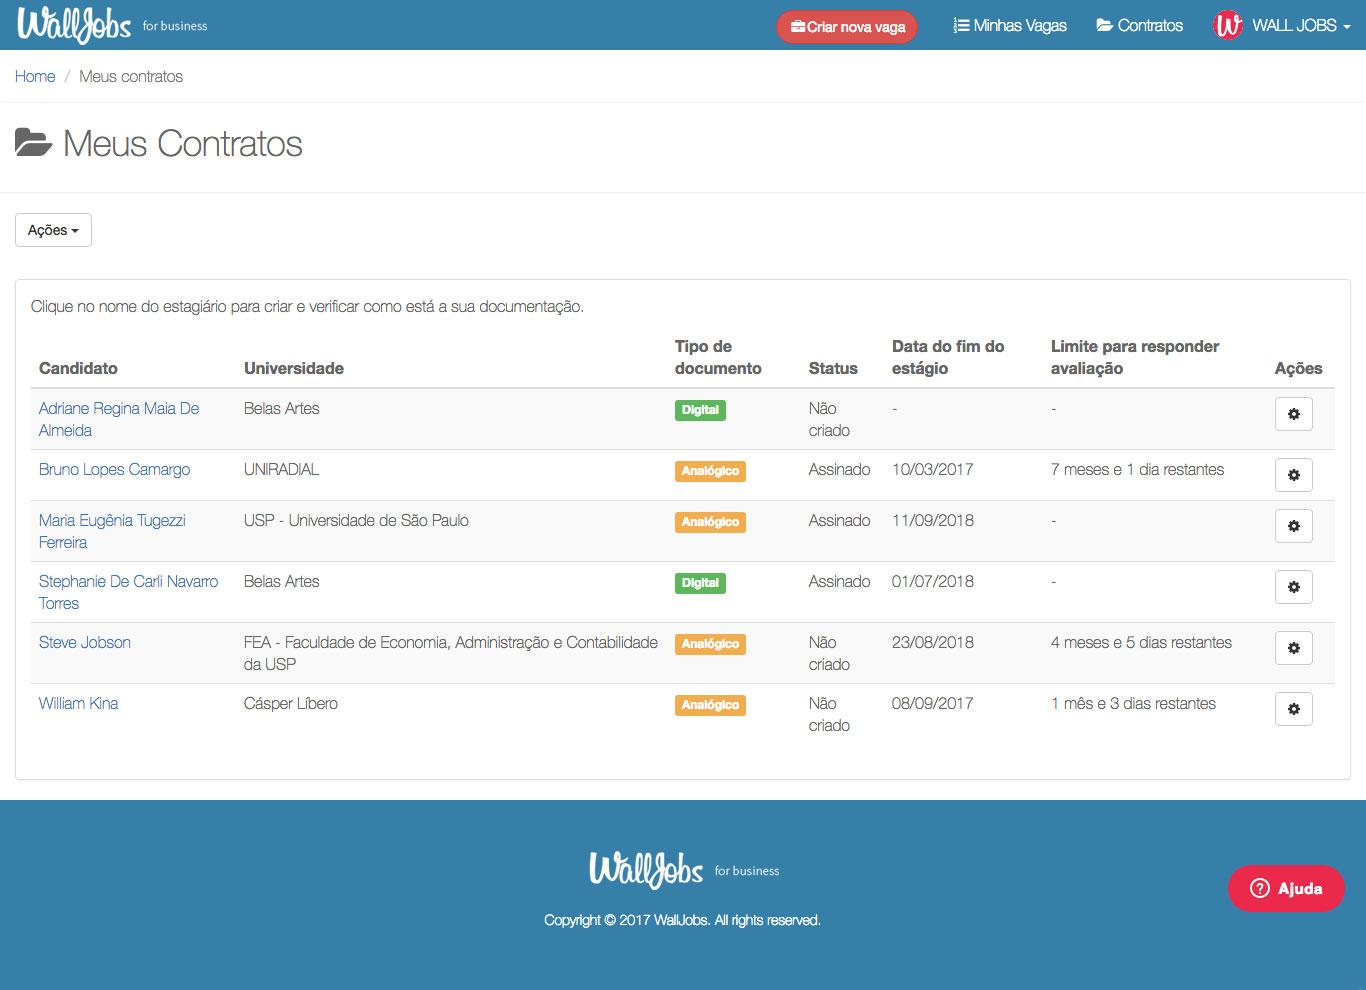 Exemplo de página de gerenciamento de contratos de estágio de uma empresa na plataforma WallJobs